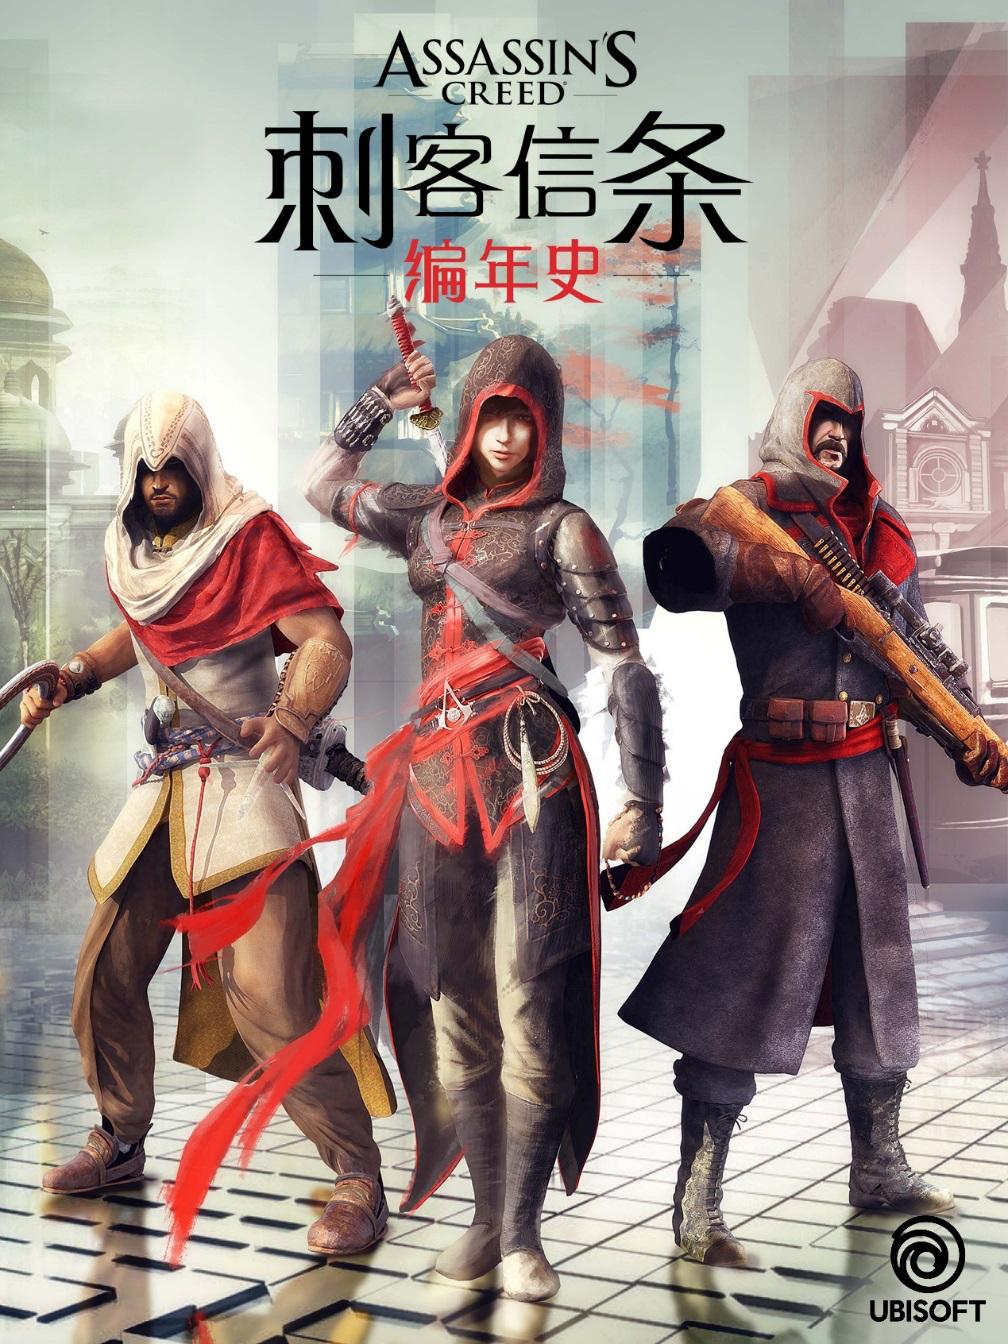 《刺客信条:编年史》6月8日正式上架FUZE游戏机